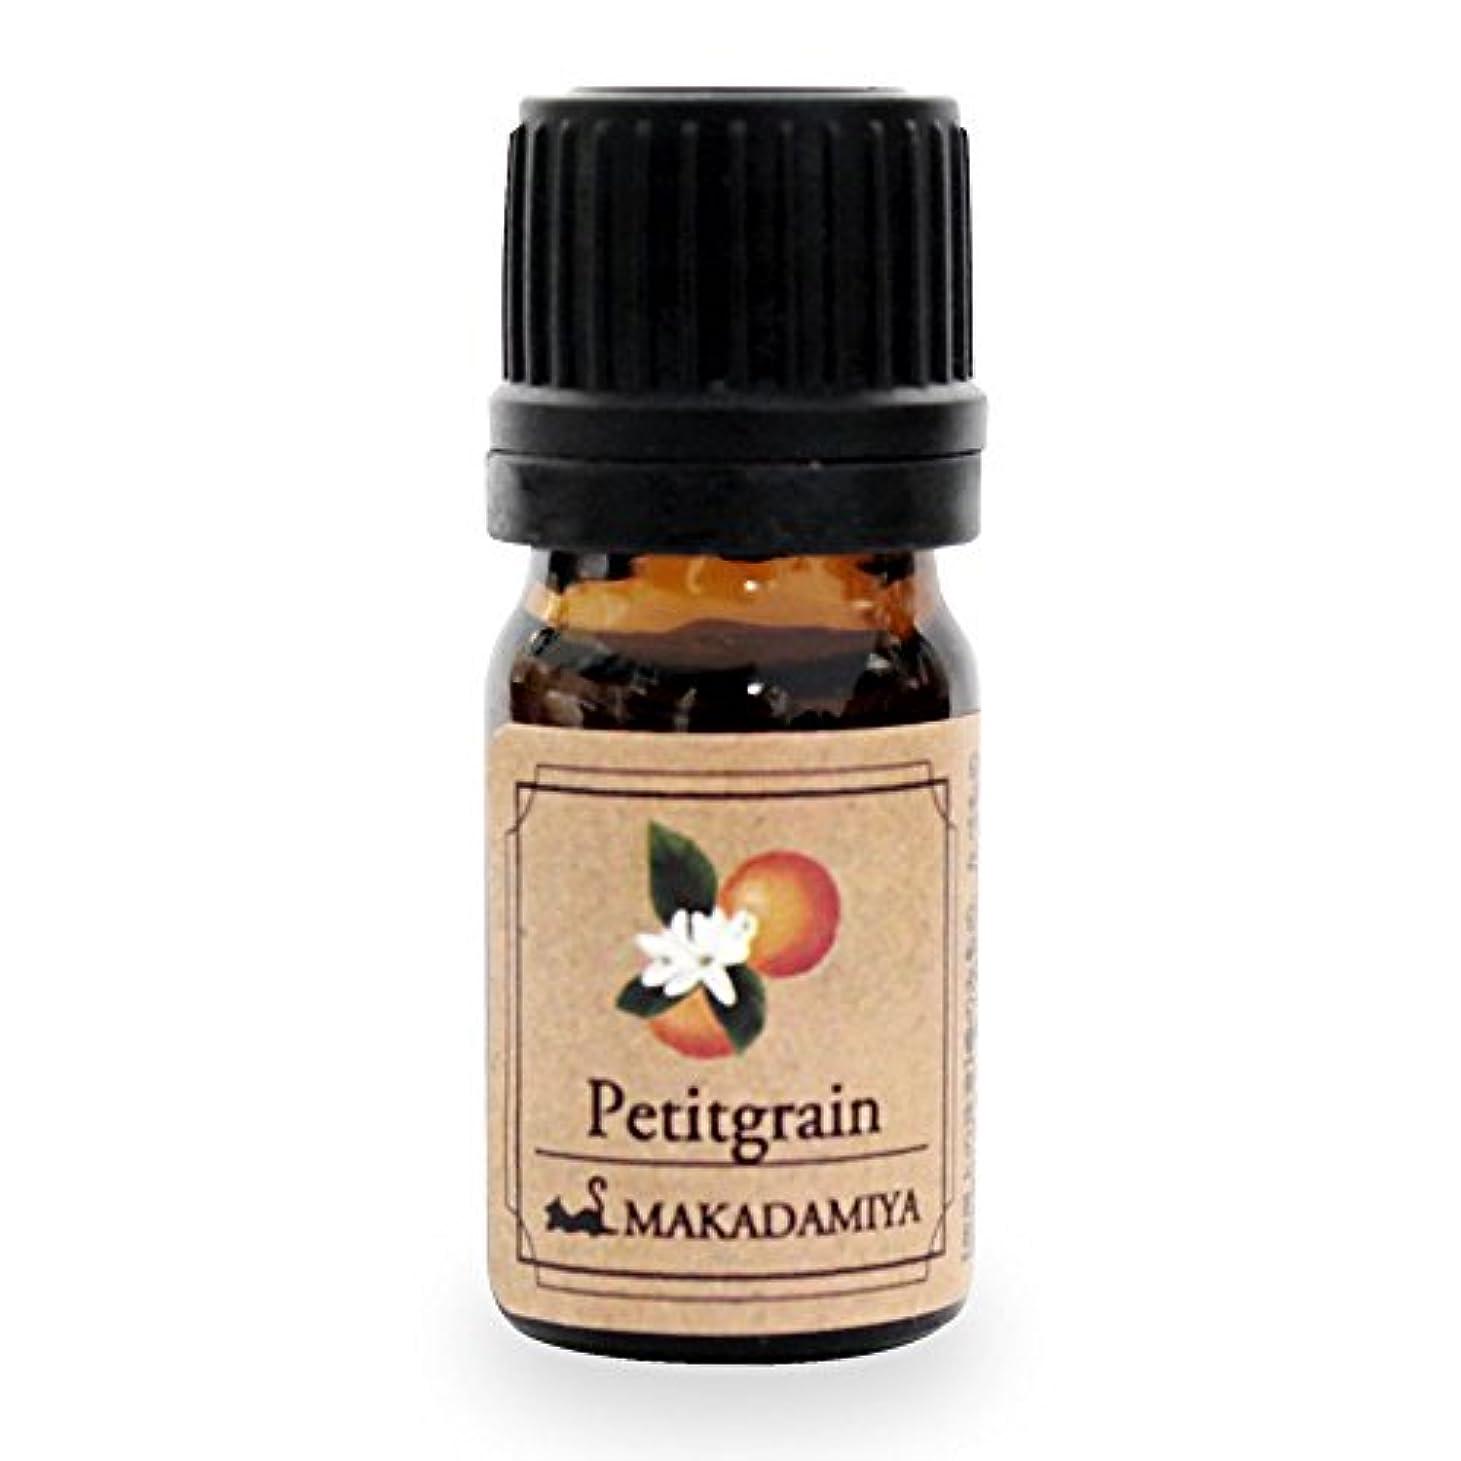 版ヘクタール赤外線プチグレン5ml 天然100%植物性 エッセンシャルオイル(精油) アロマオイル アロママッサージ aroma Petitgrain